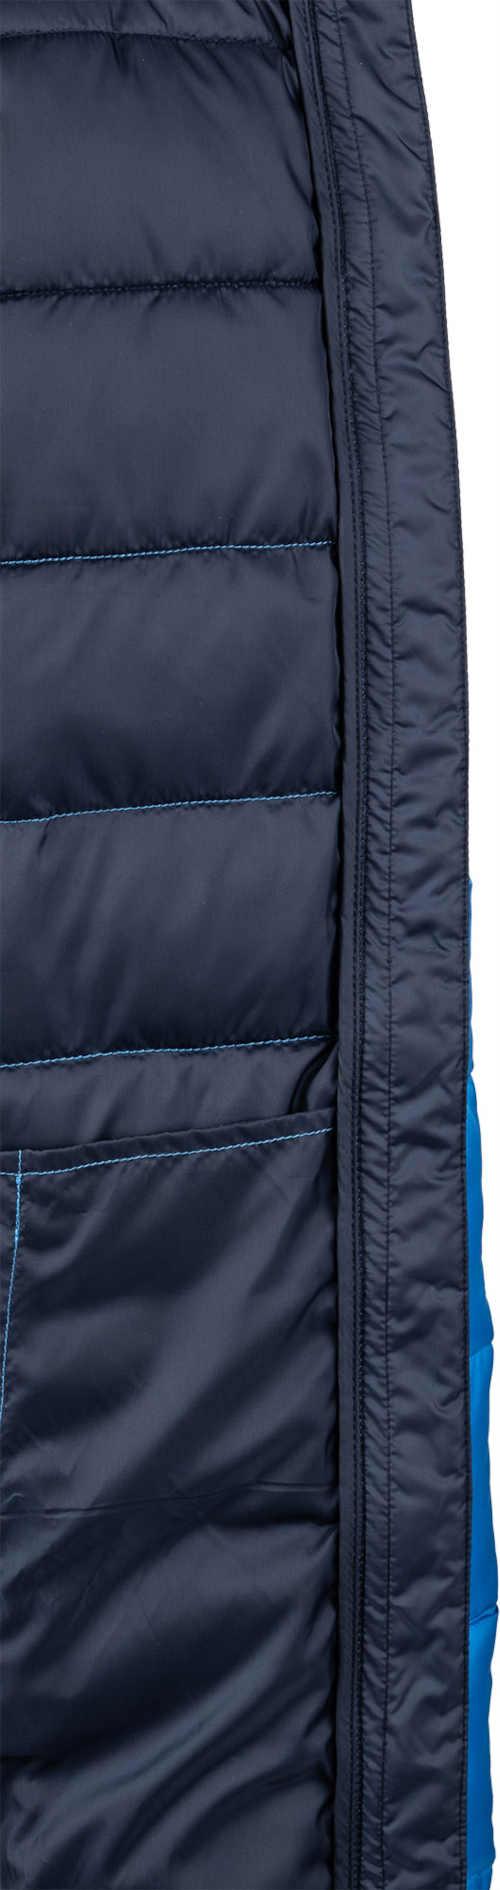 pánská bunda s integrovanou kapucí